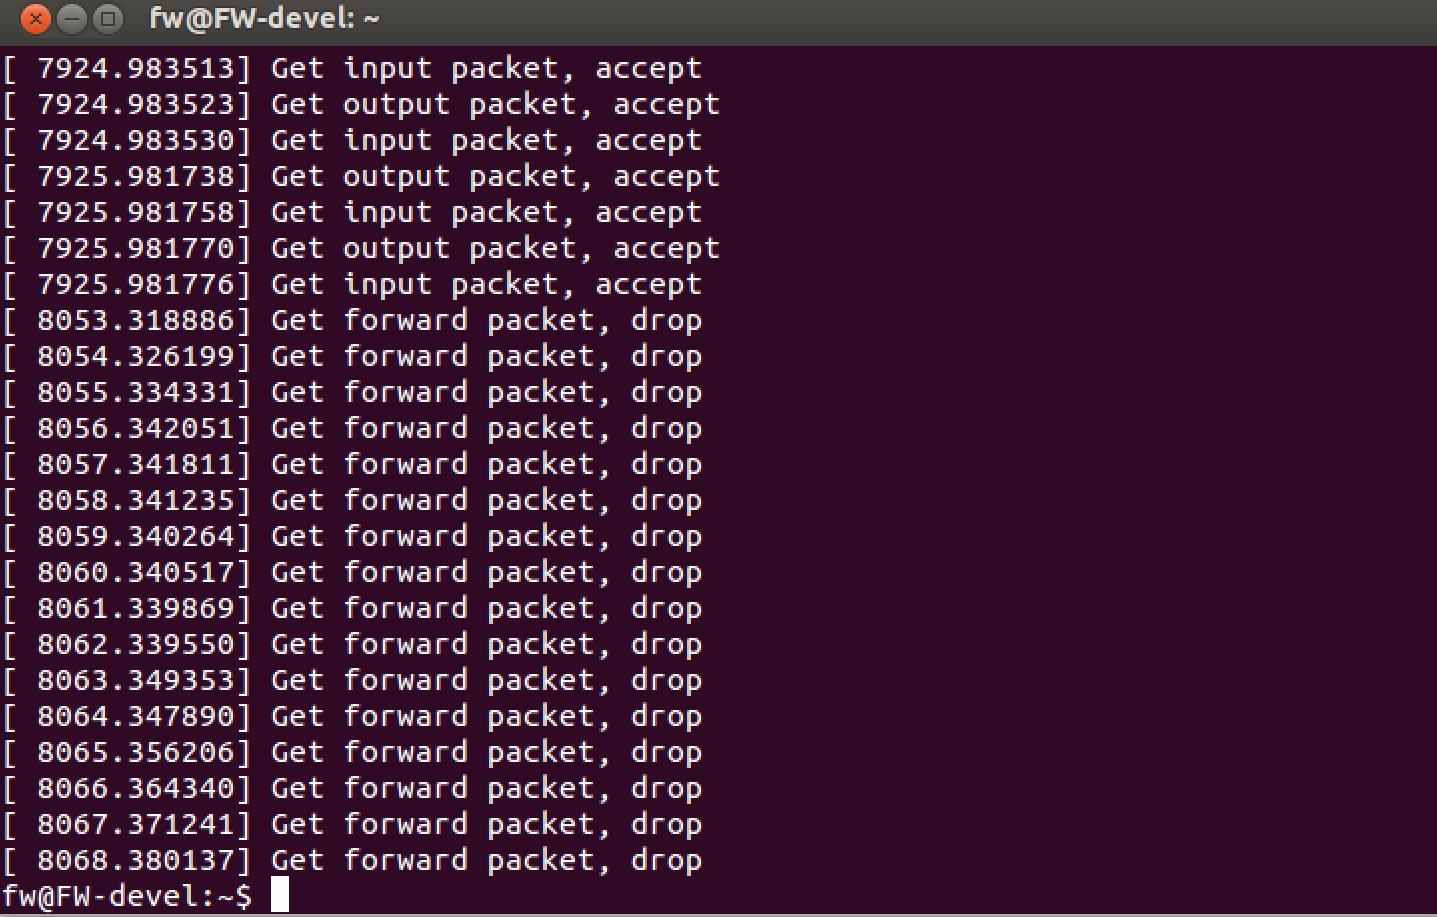 Создание и тестирование Firewall в Linux, Часть 1.3. Написание char device. Добавление виртуальной файловой системы… - 9